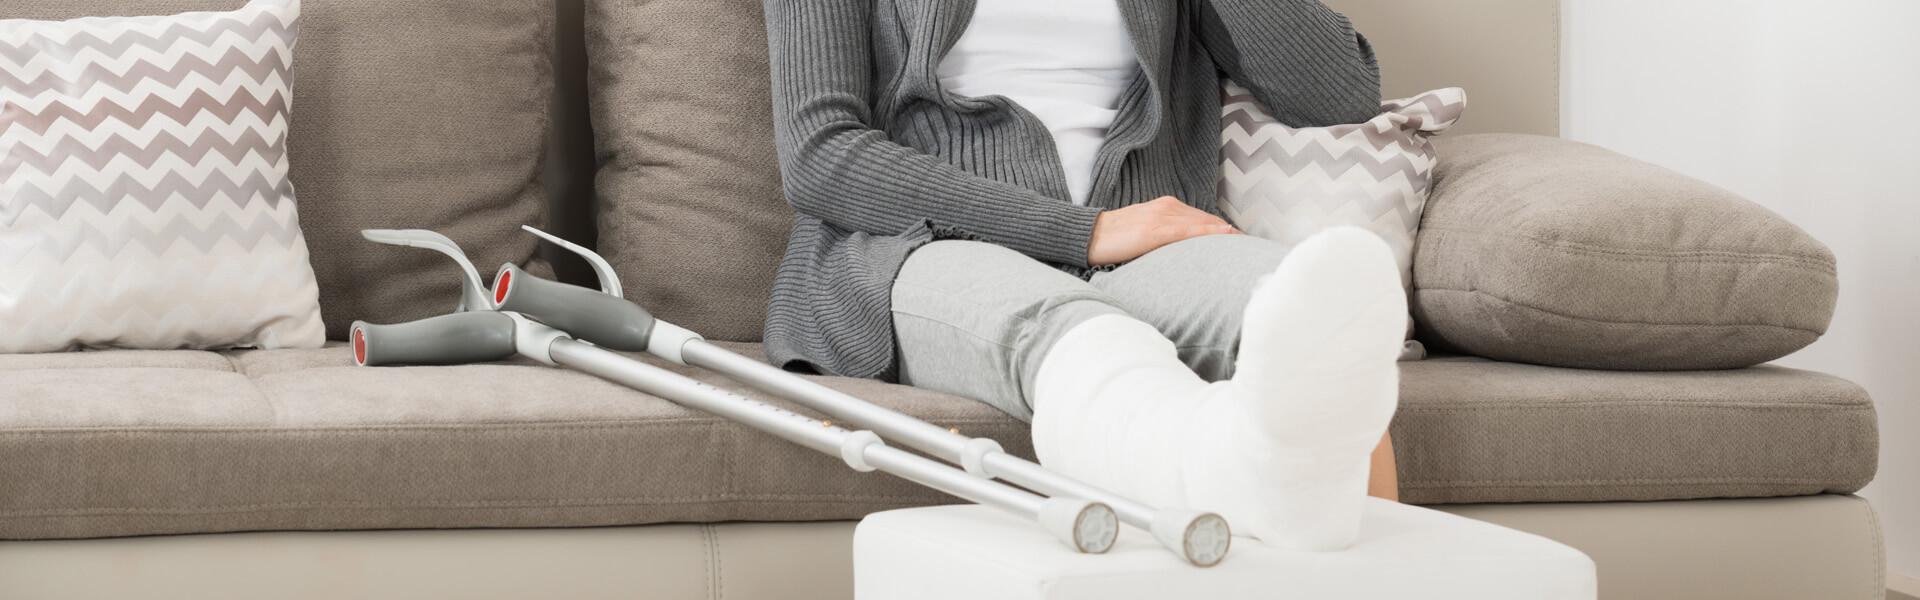 Frau mit gebrochenem Bein in Gips und Krücken sitzt auf dem Sofa.